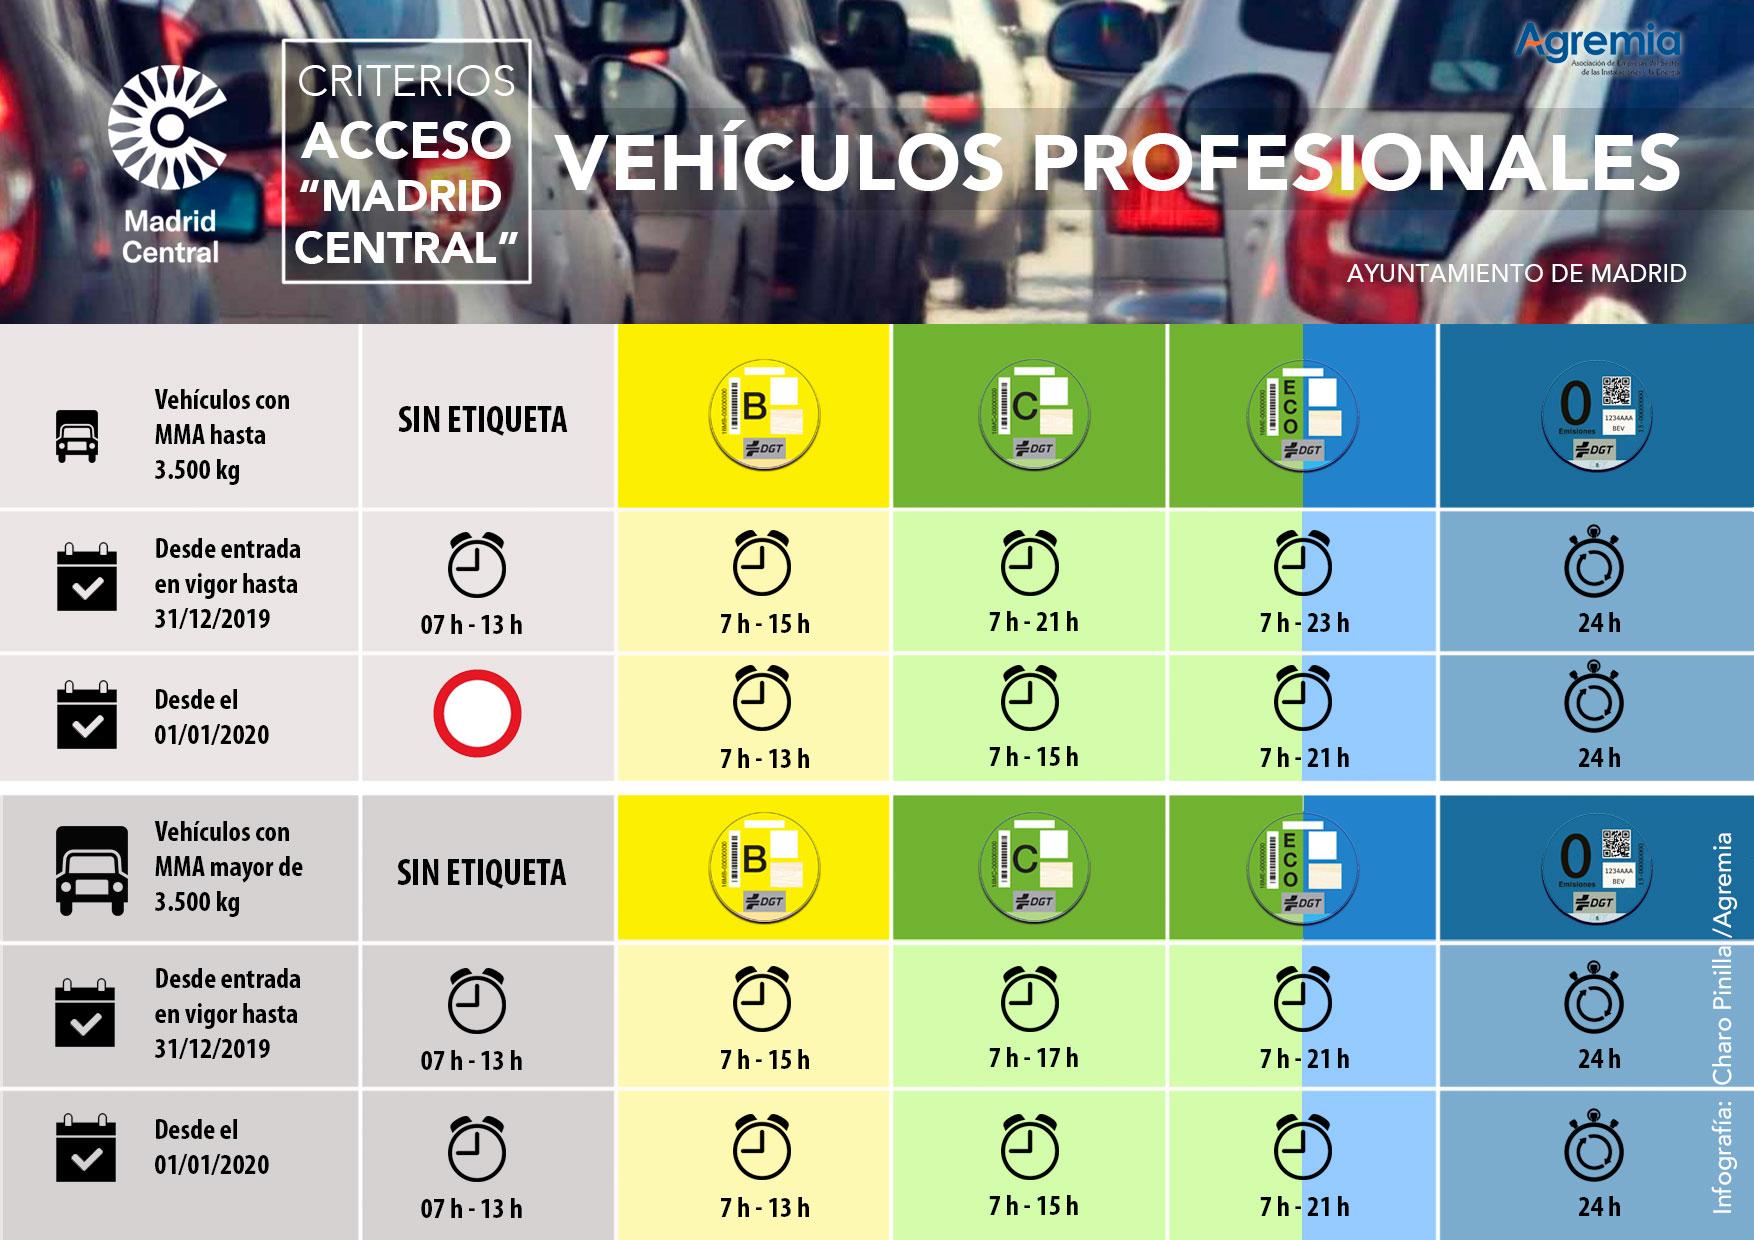 """Criterios de acceso a """"Madrid Central"""""""